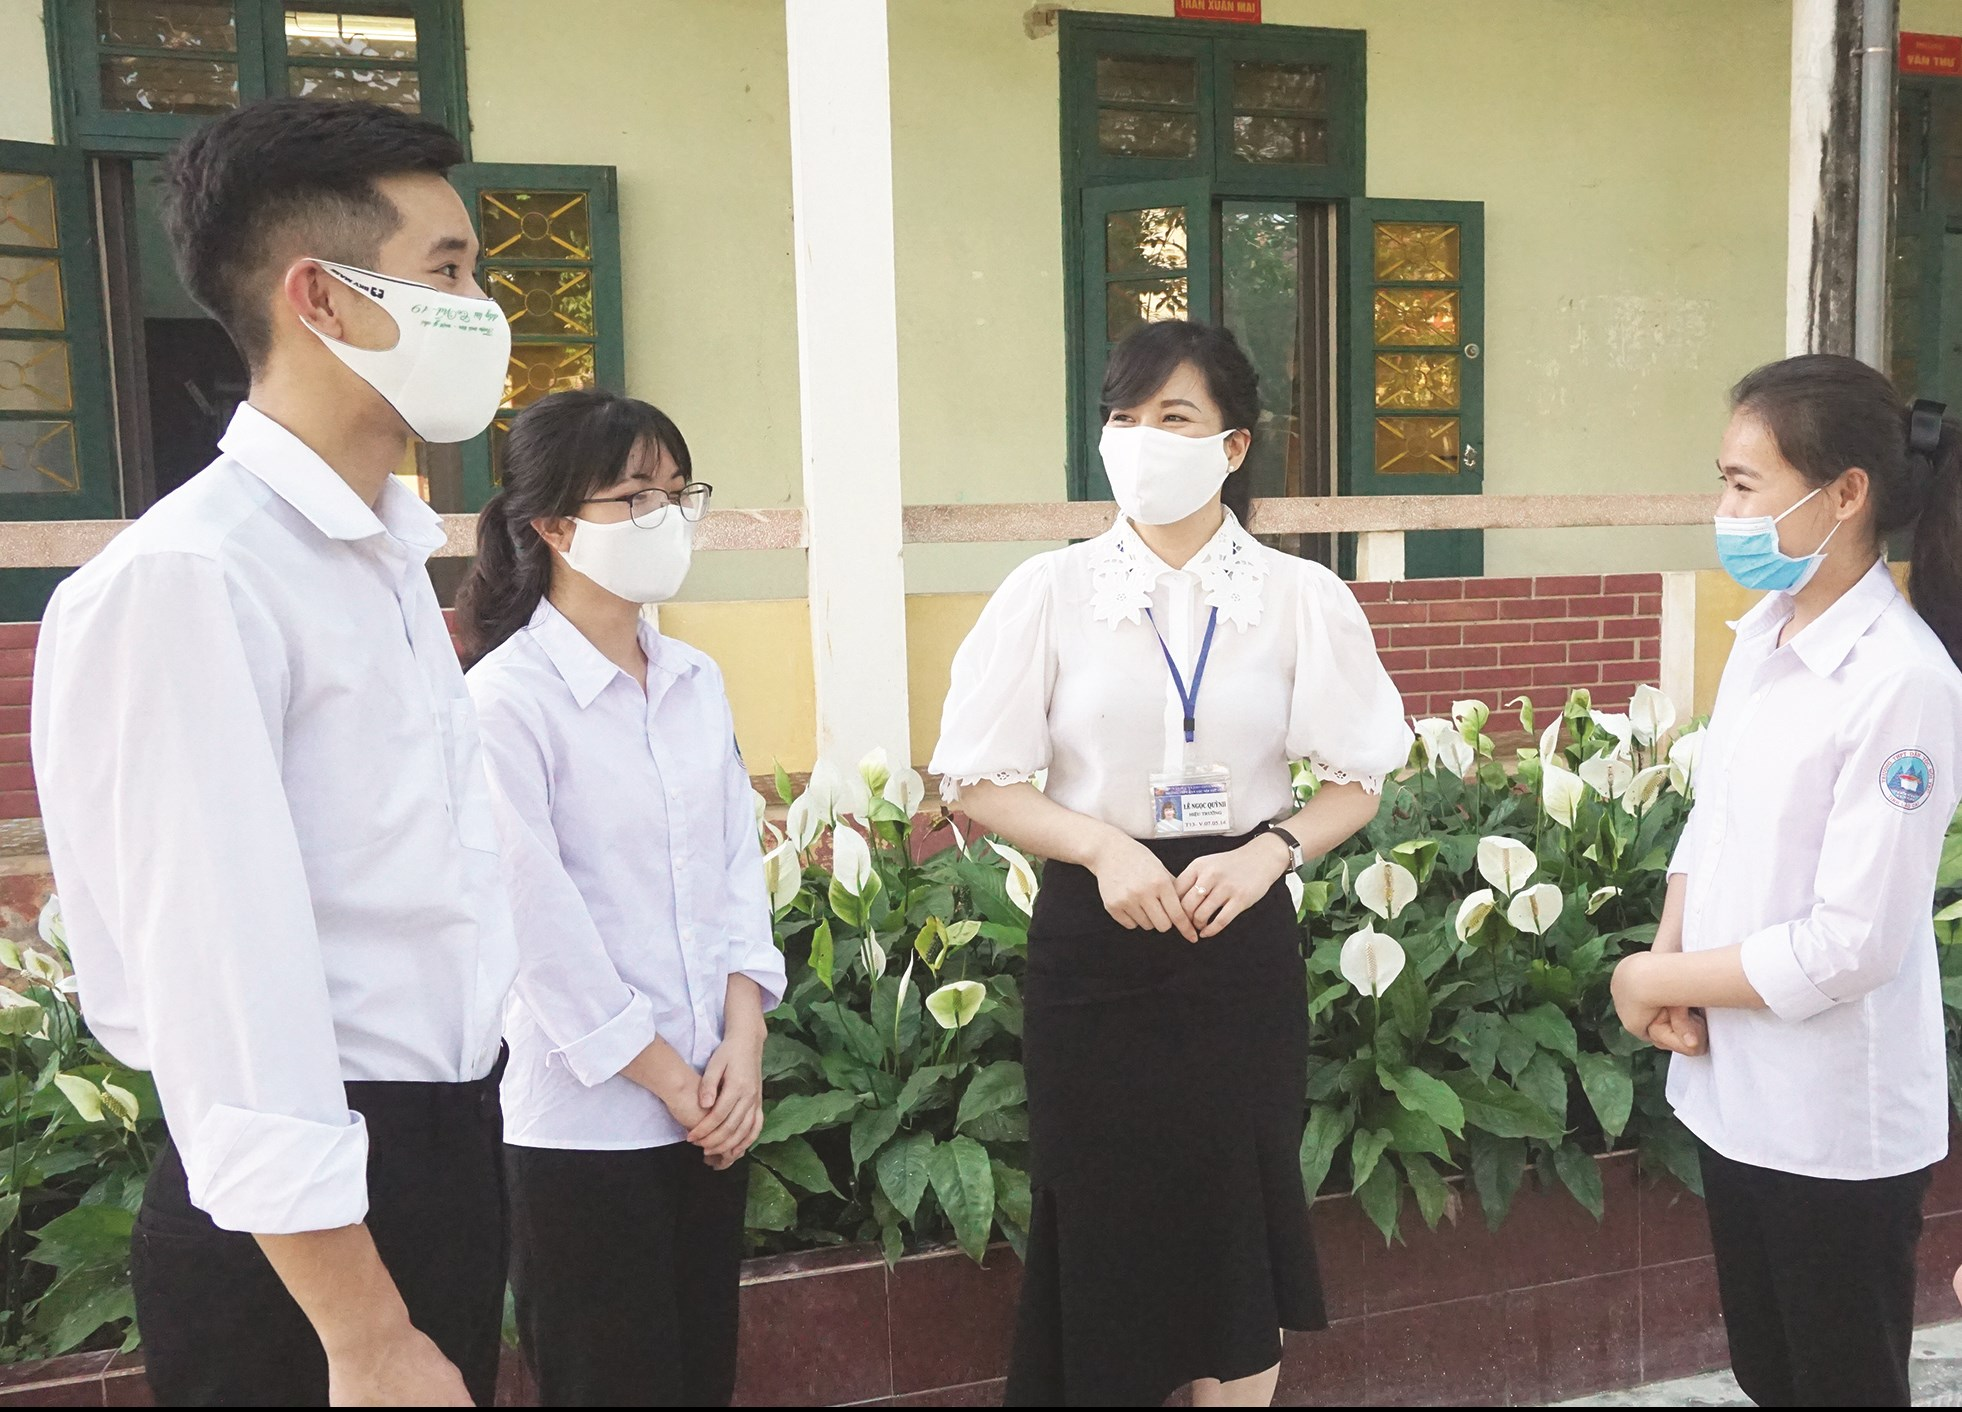 Dù công việc quản lý bận rộn, cô Quỳnh (thứ ba từ trái qua) luôn dành thời gian thăm hỏi, chia sẻ, động viên các em học sinh.